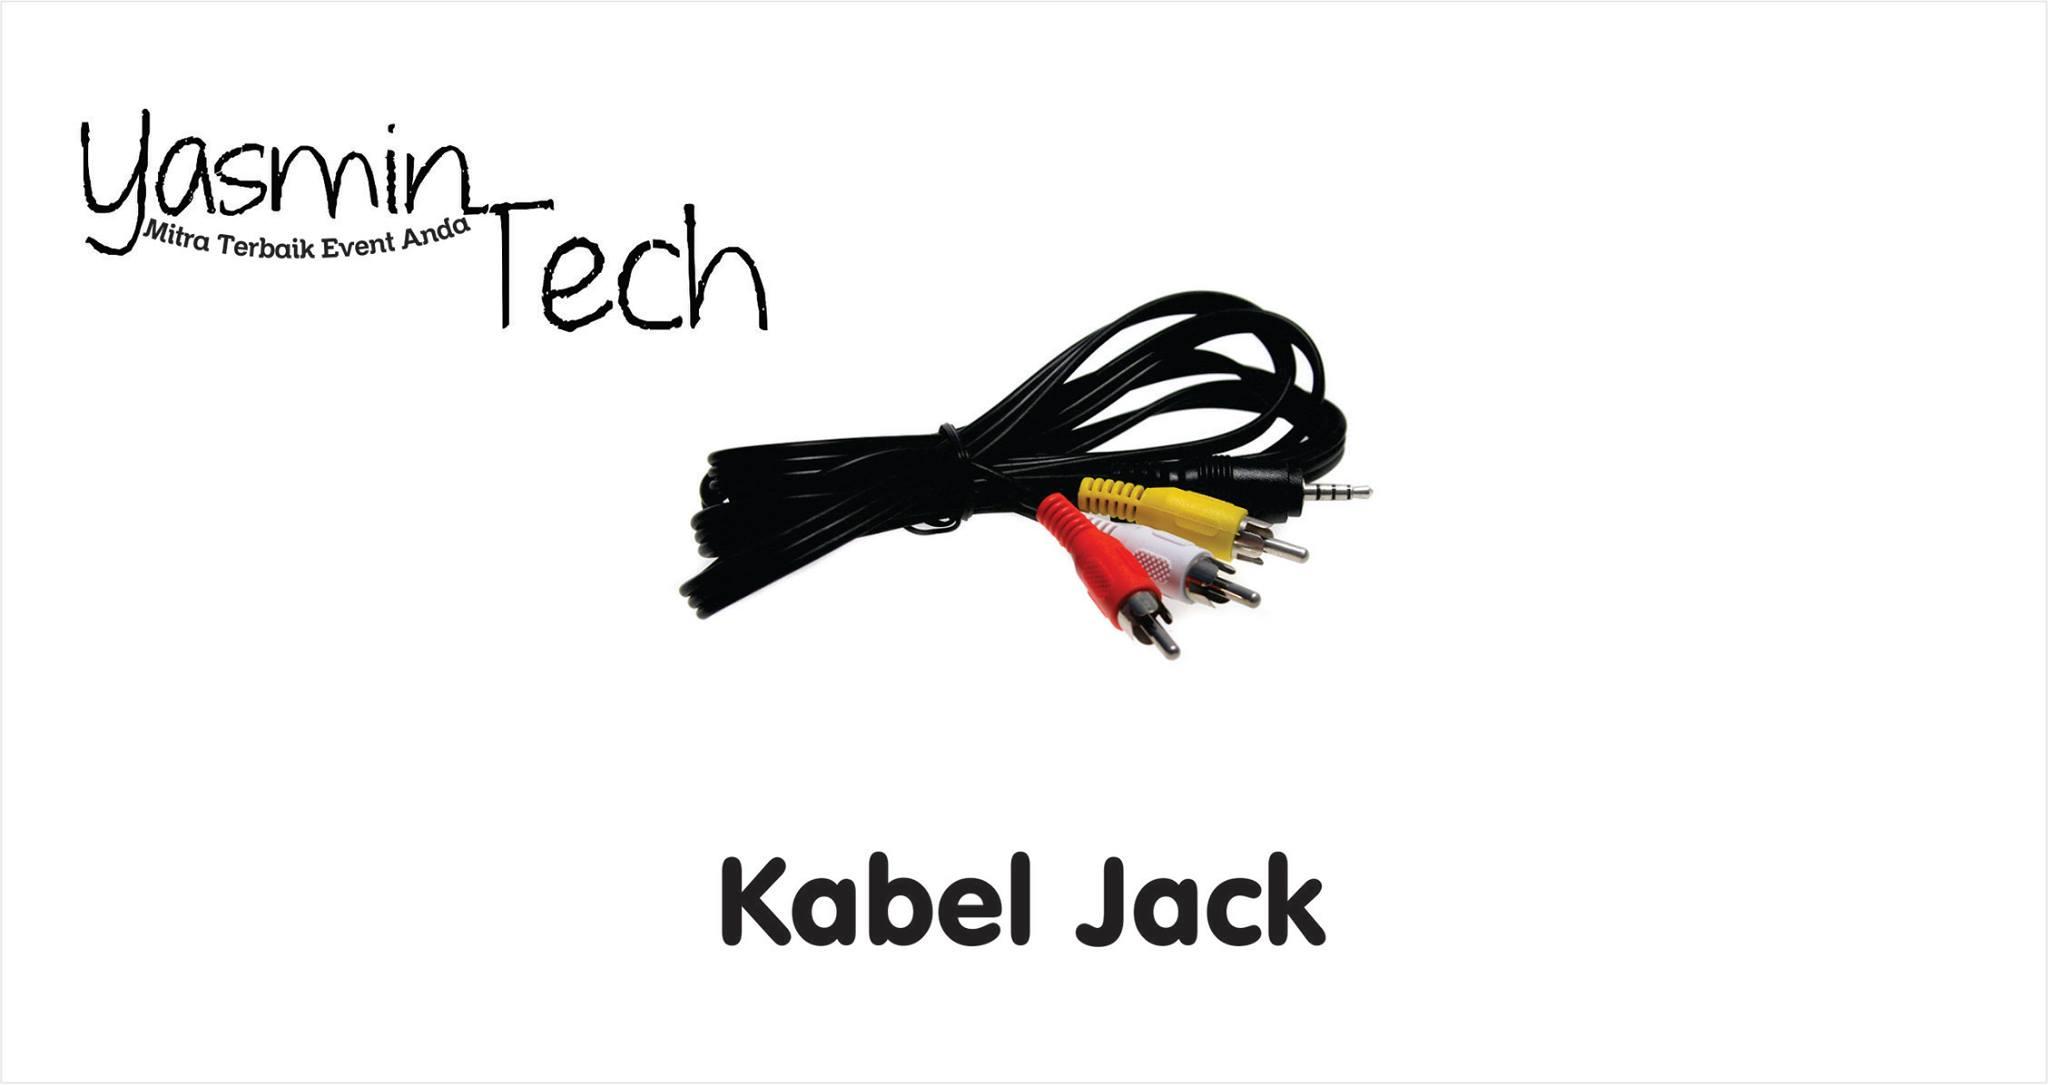 Kabel Jack